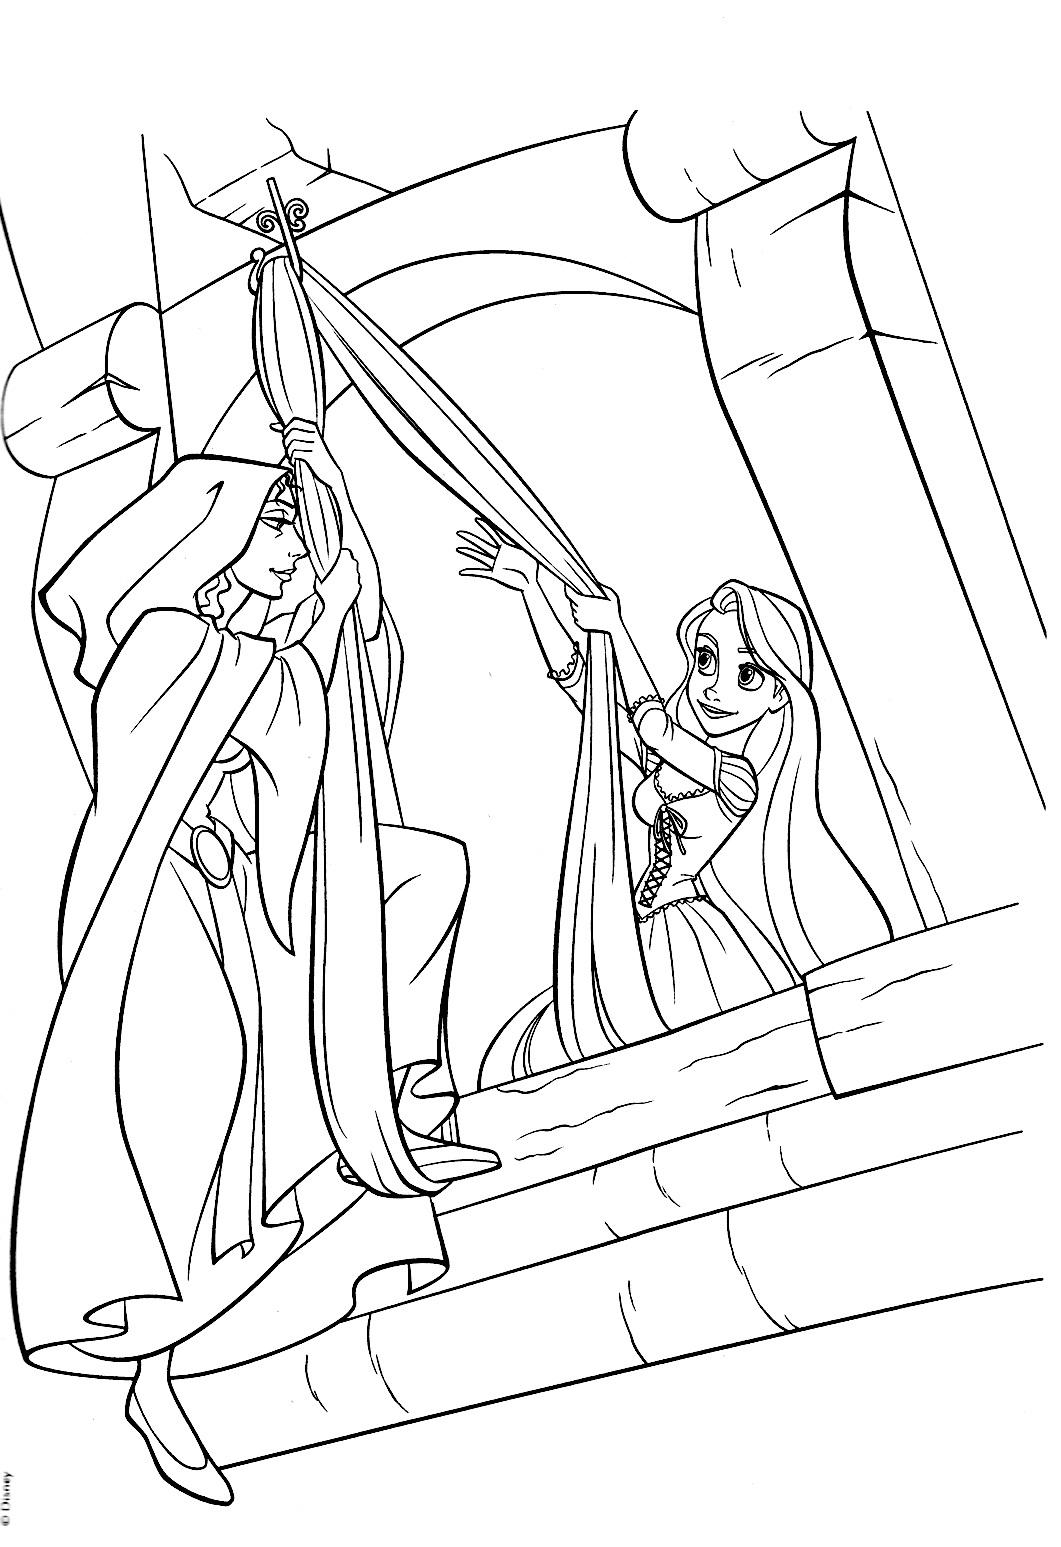 Imagens Para Colorir Da Rapunzel